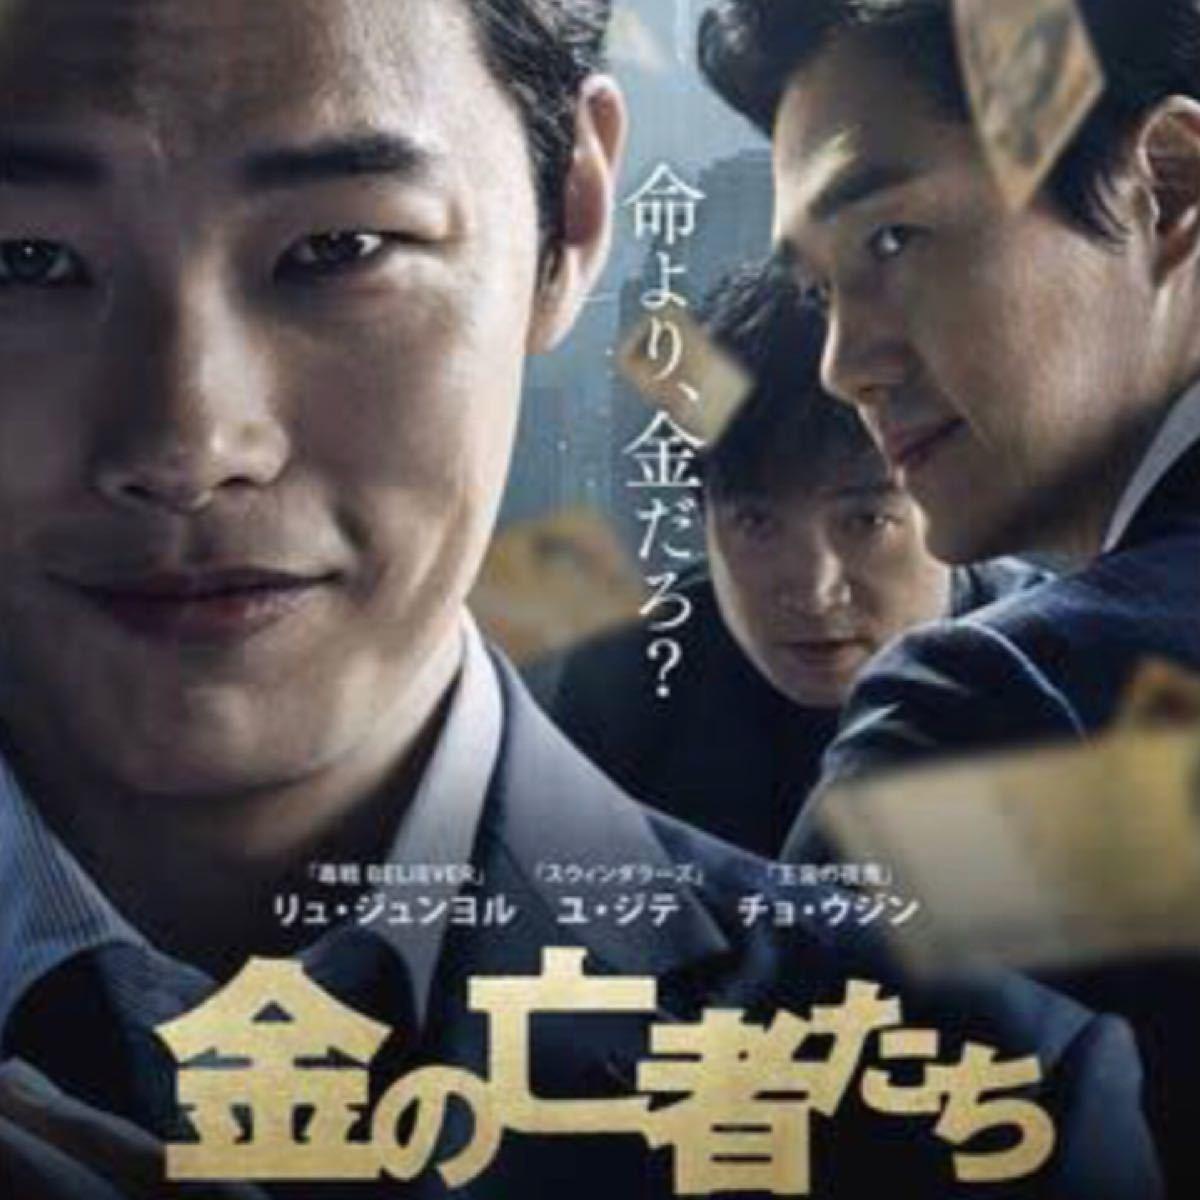 韓国映画  金の亡者たち  リュ・ジュンヨル  ユ・ジテ  DVD  レーベル有り